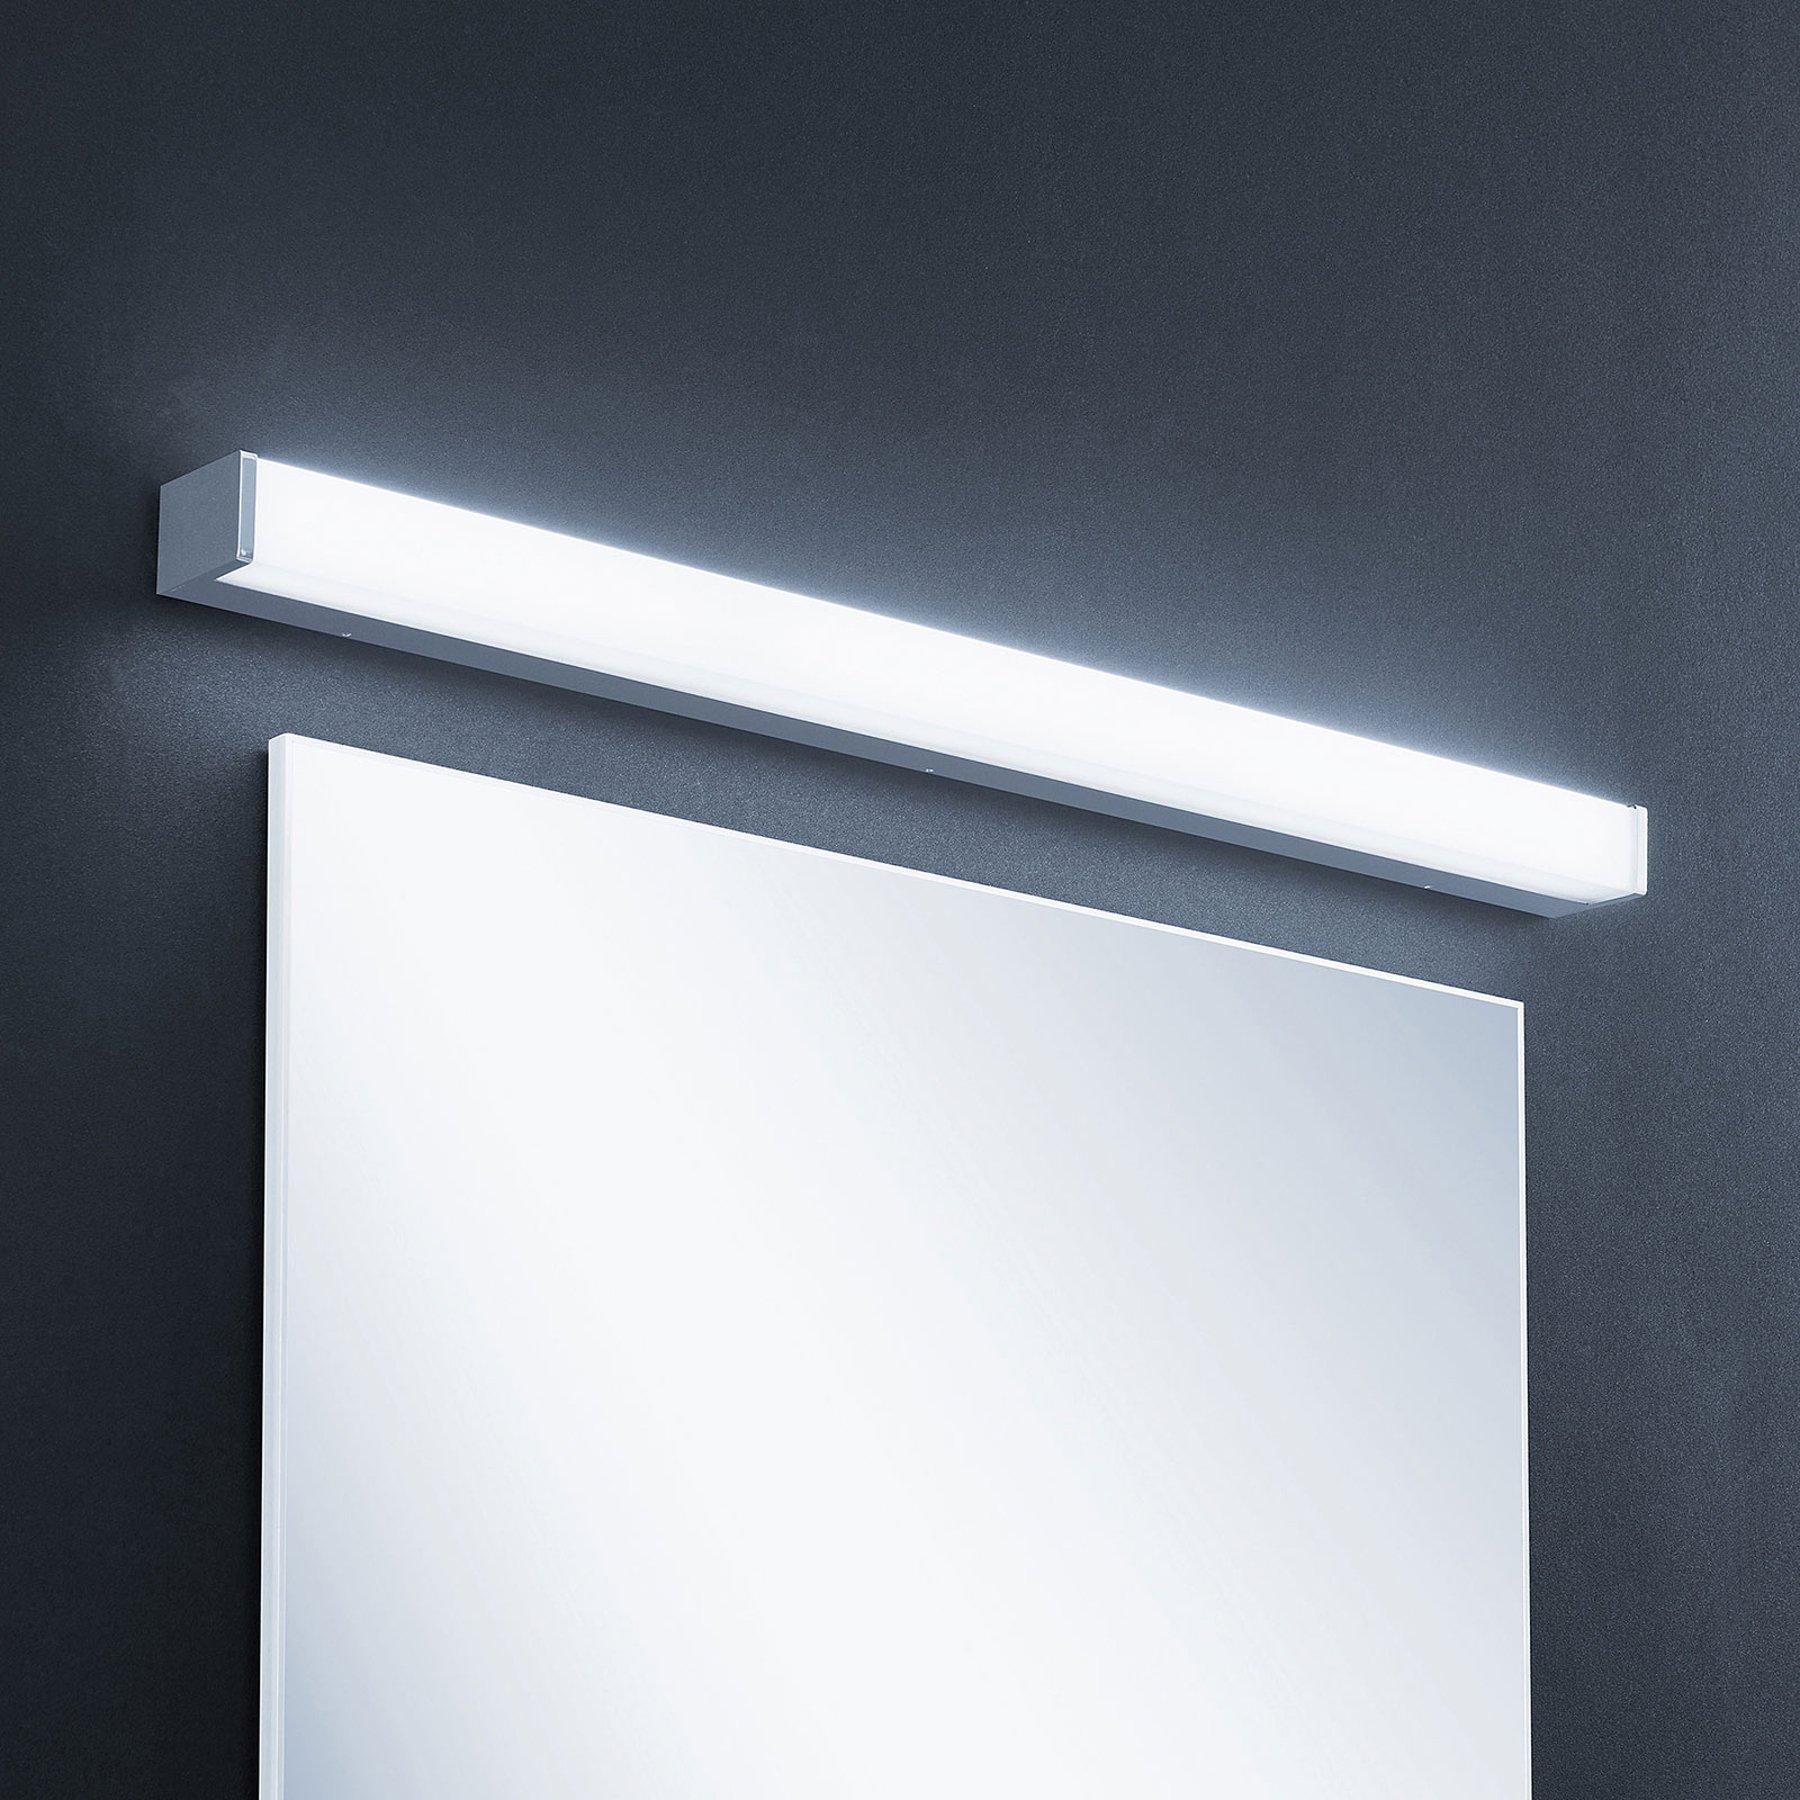 Lindby Klea LED-baderomslampe 90 cm